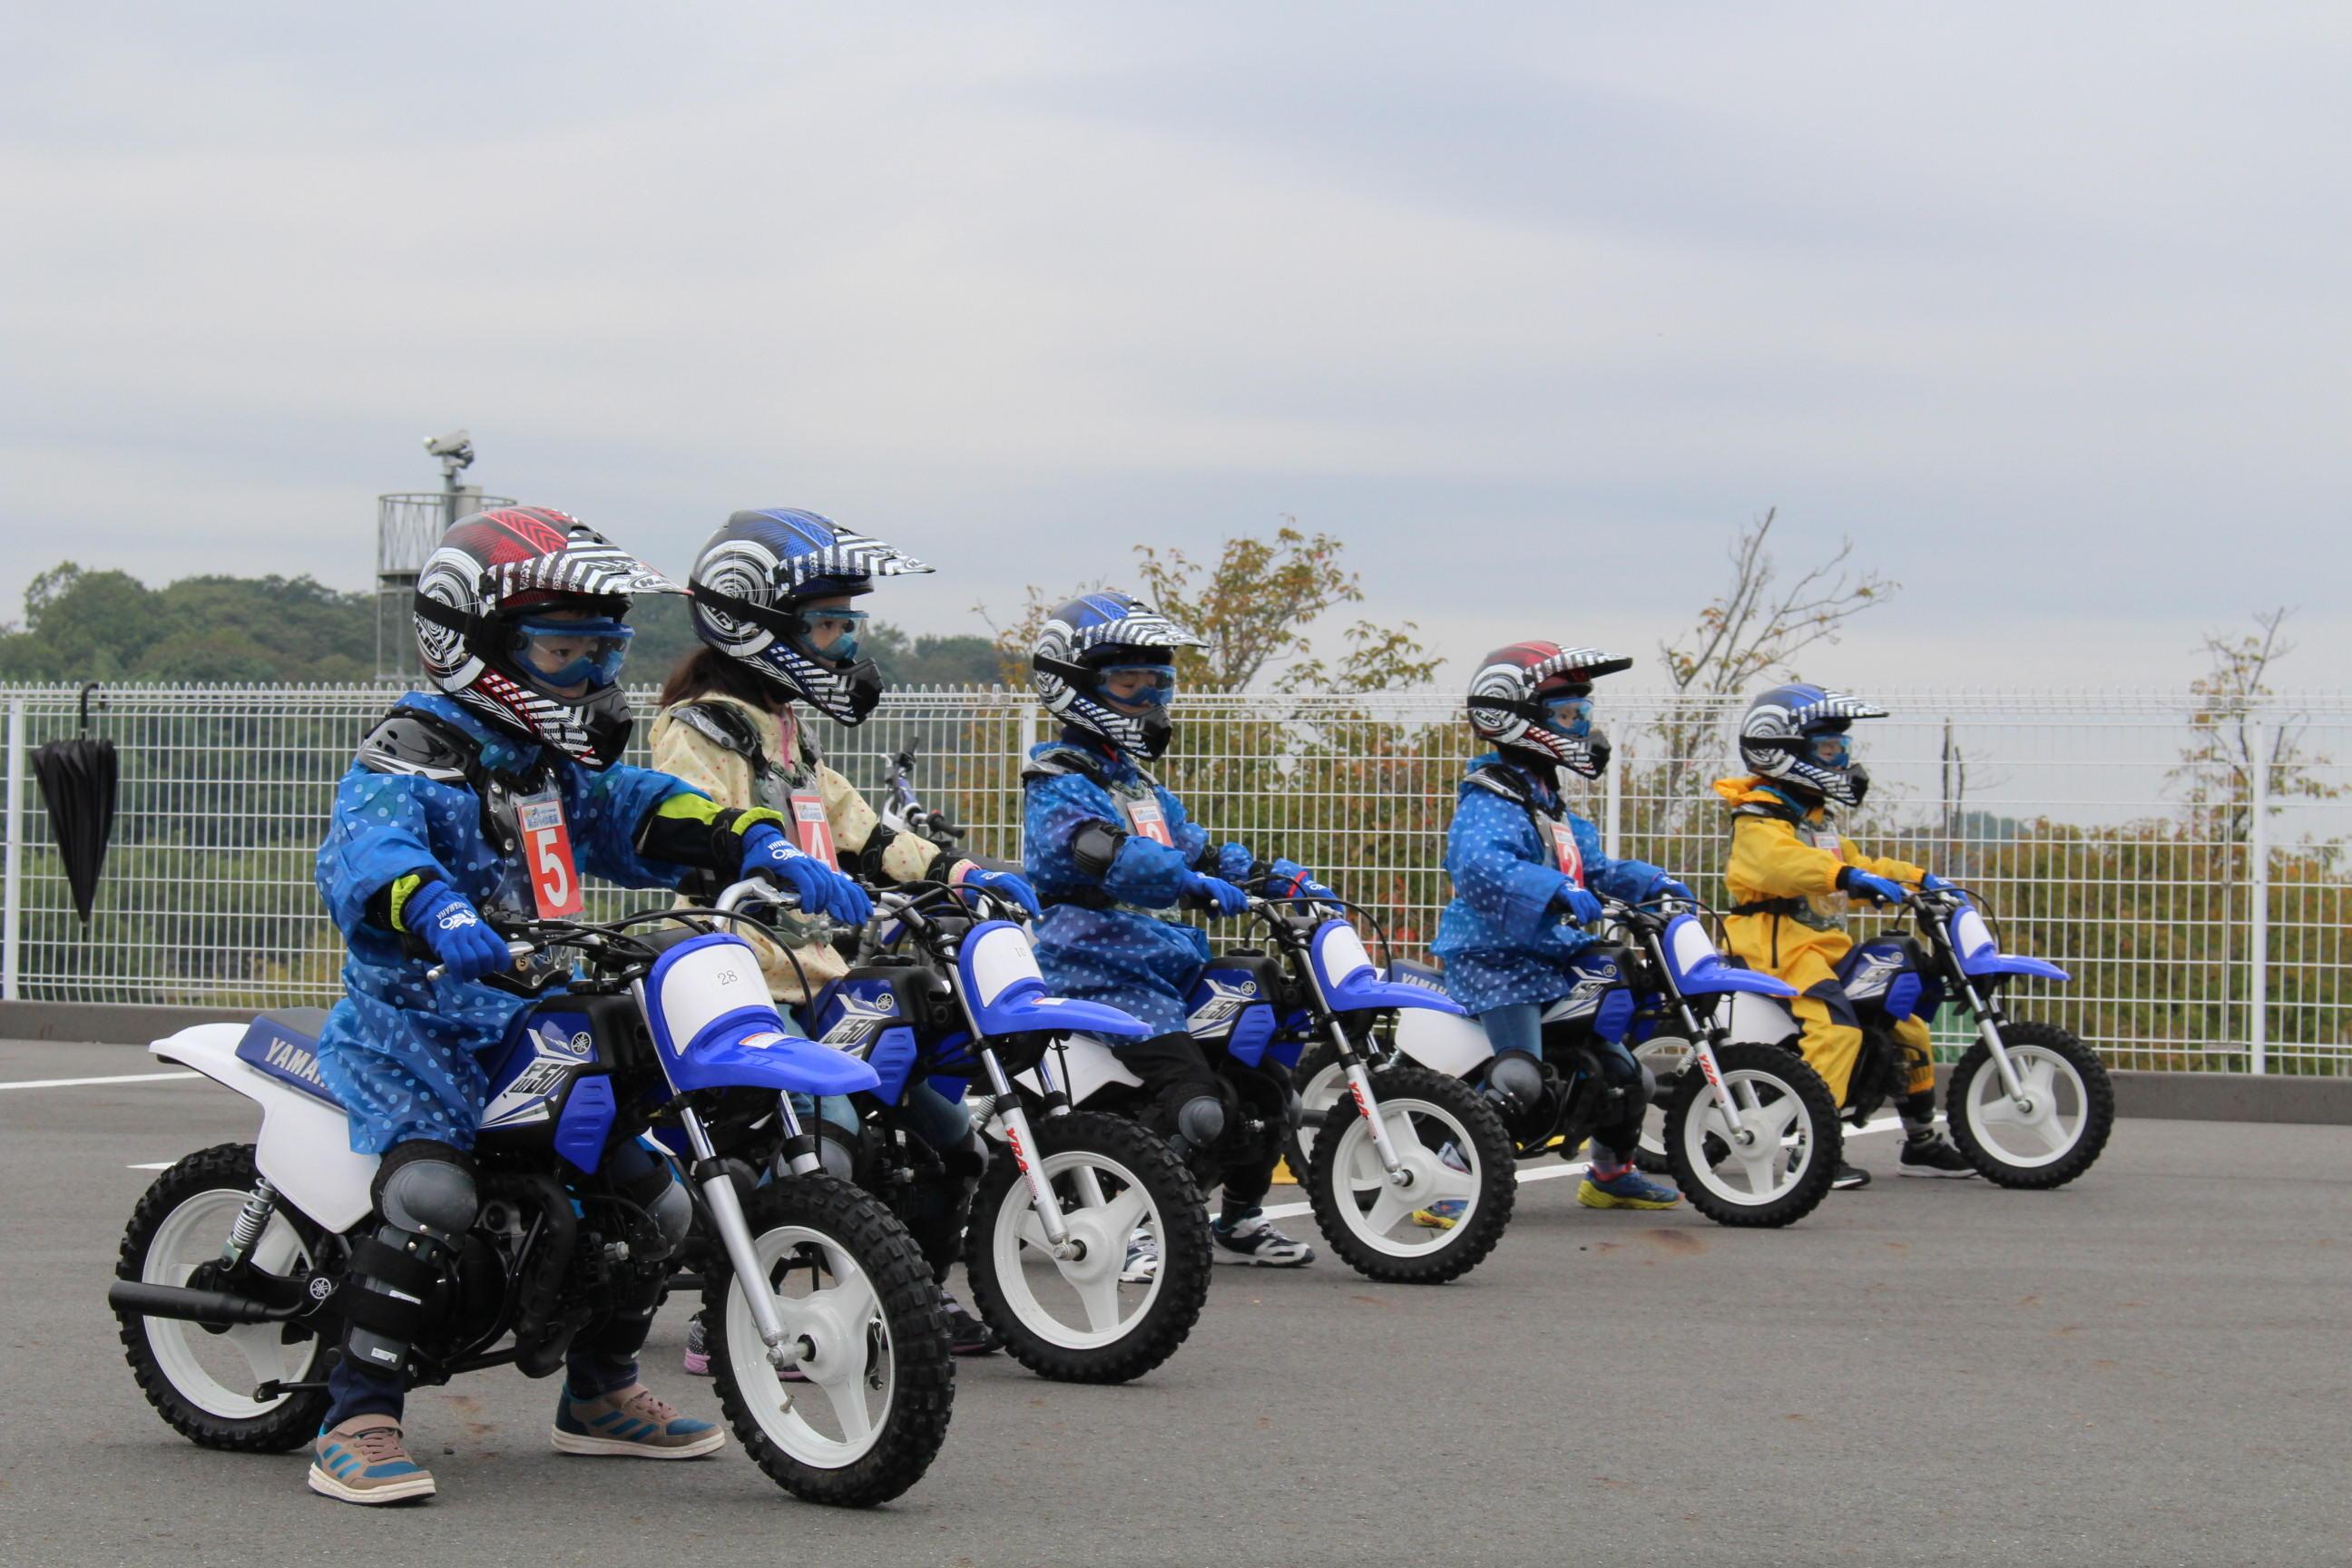 みんなバイクで待つ姿もサマになってきた~!発進の際も、必ず右後ろの後方確認をしてから発進できていました^^